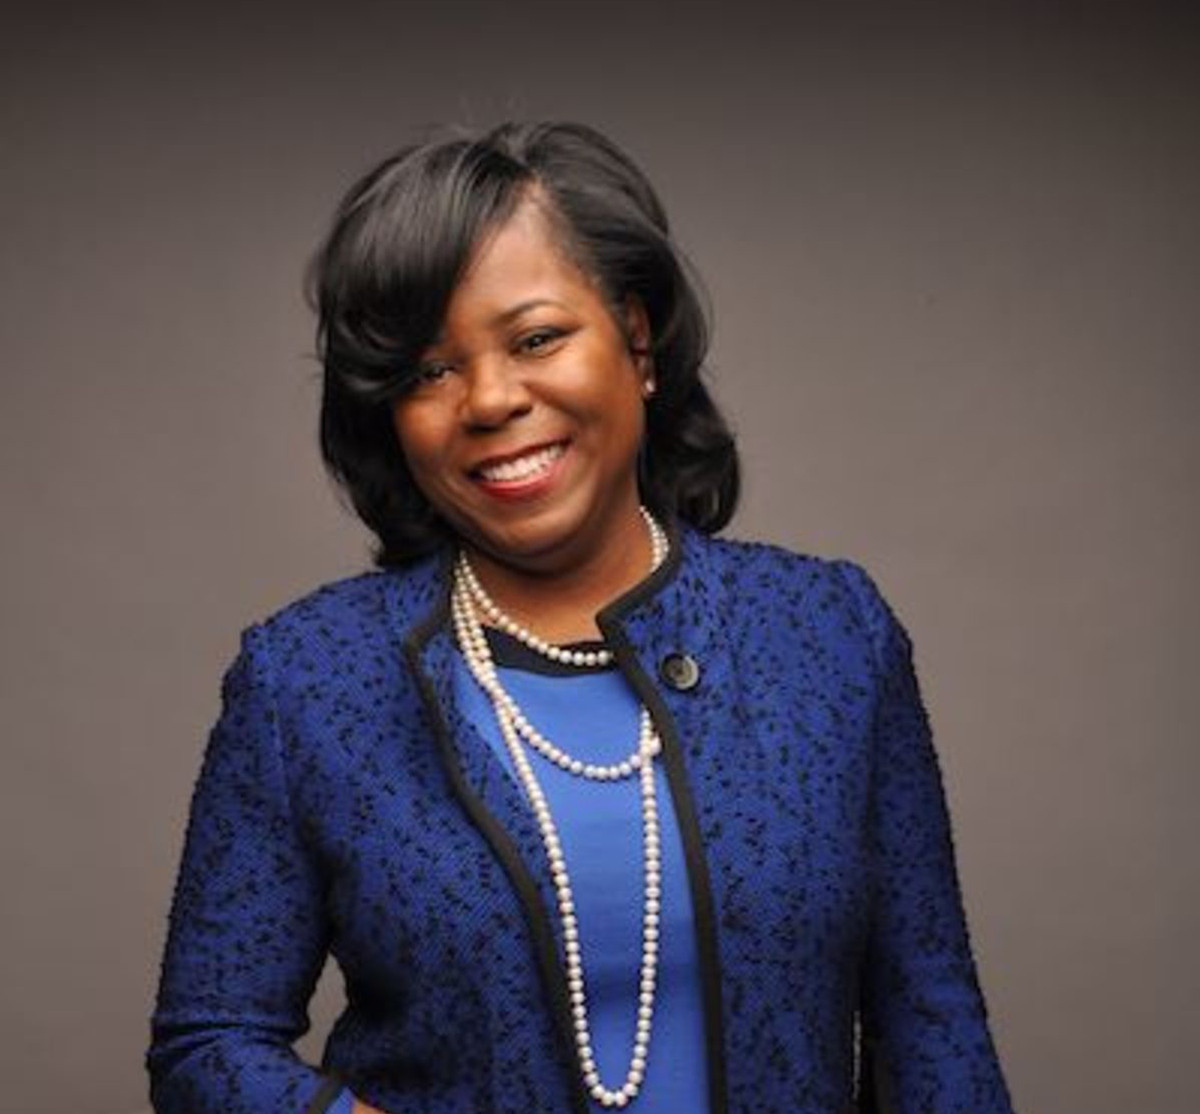 Rev. Theresa Dear, associate minister at DuPage A.M.E. Church in Lisle.